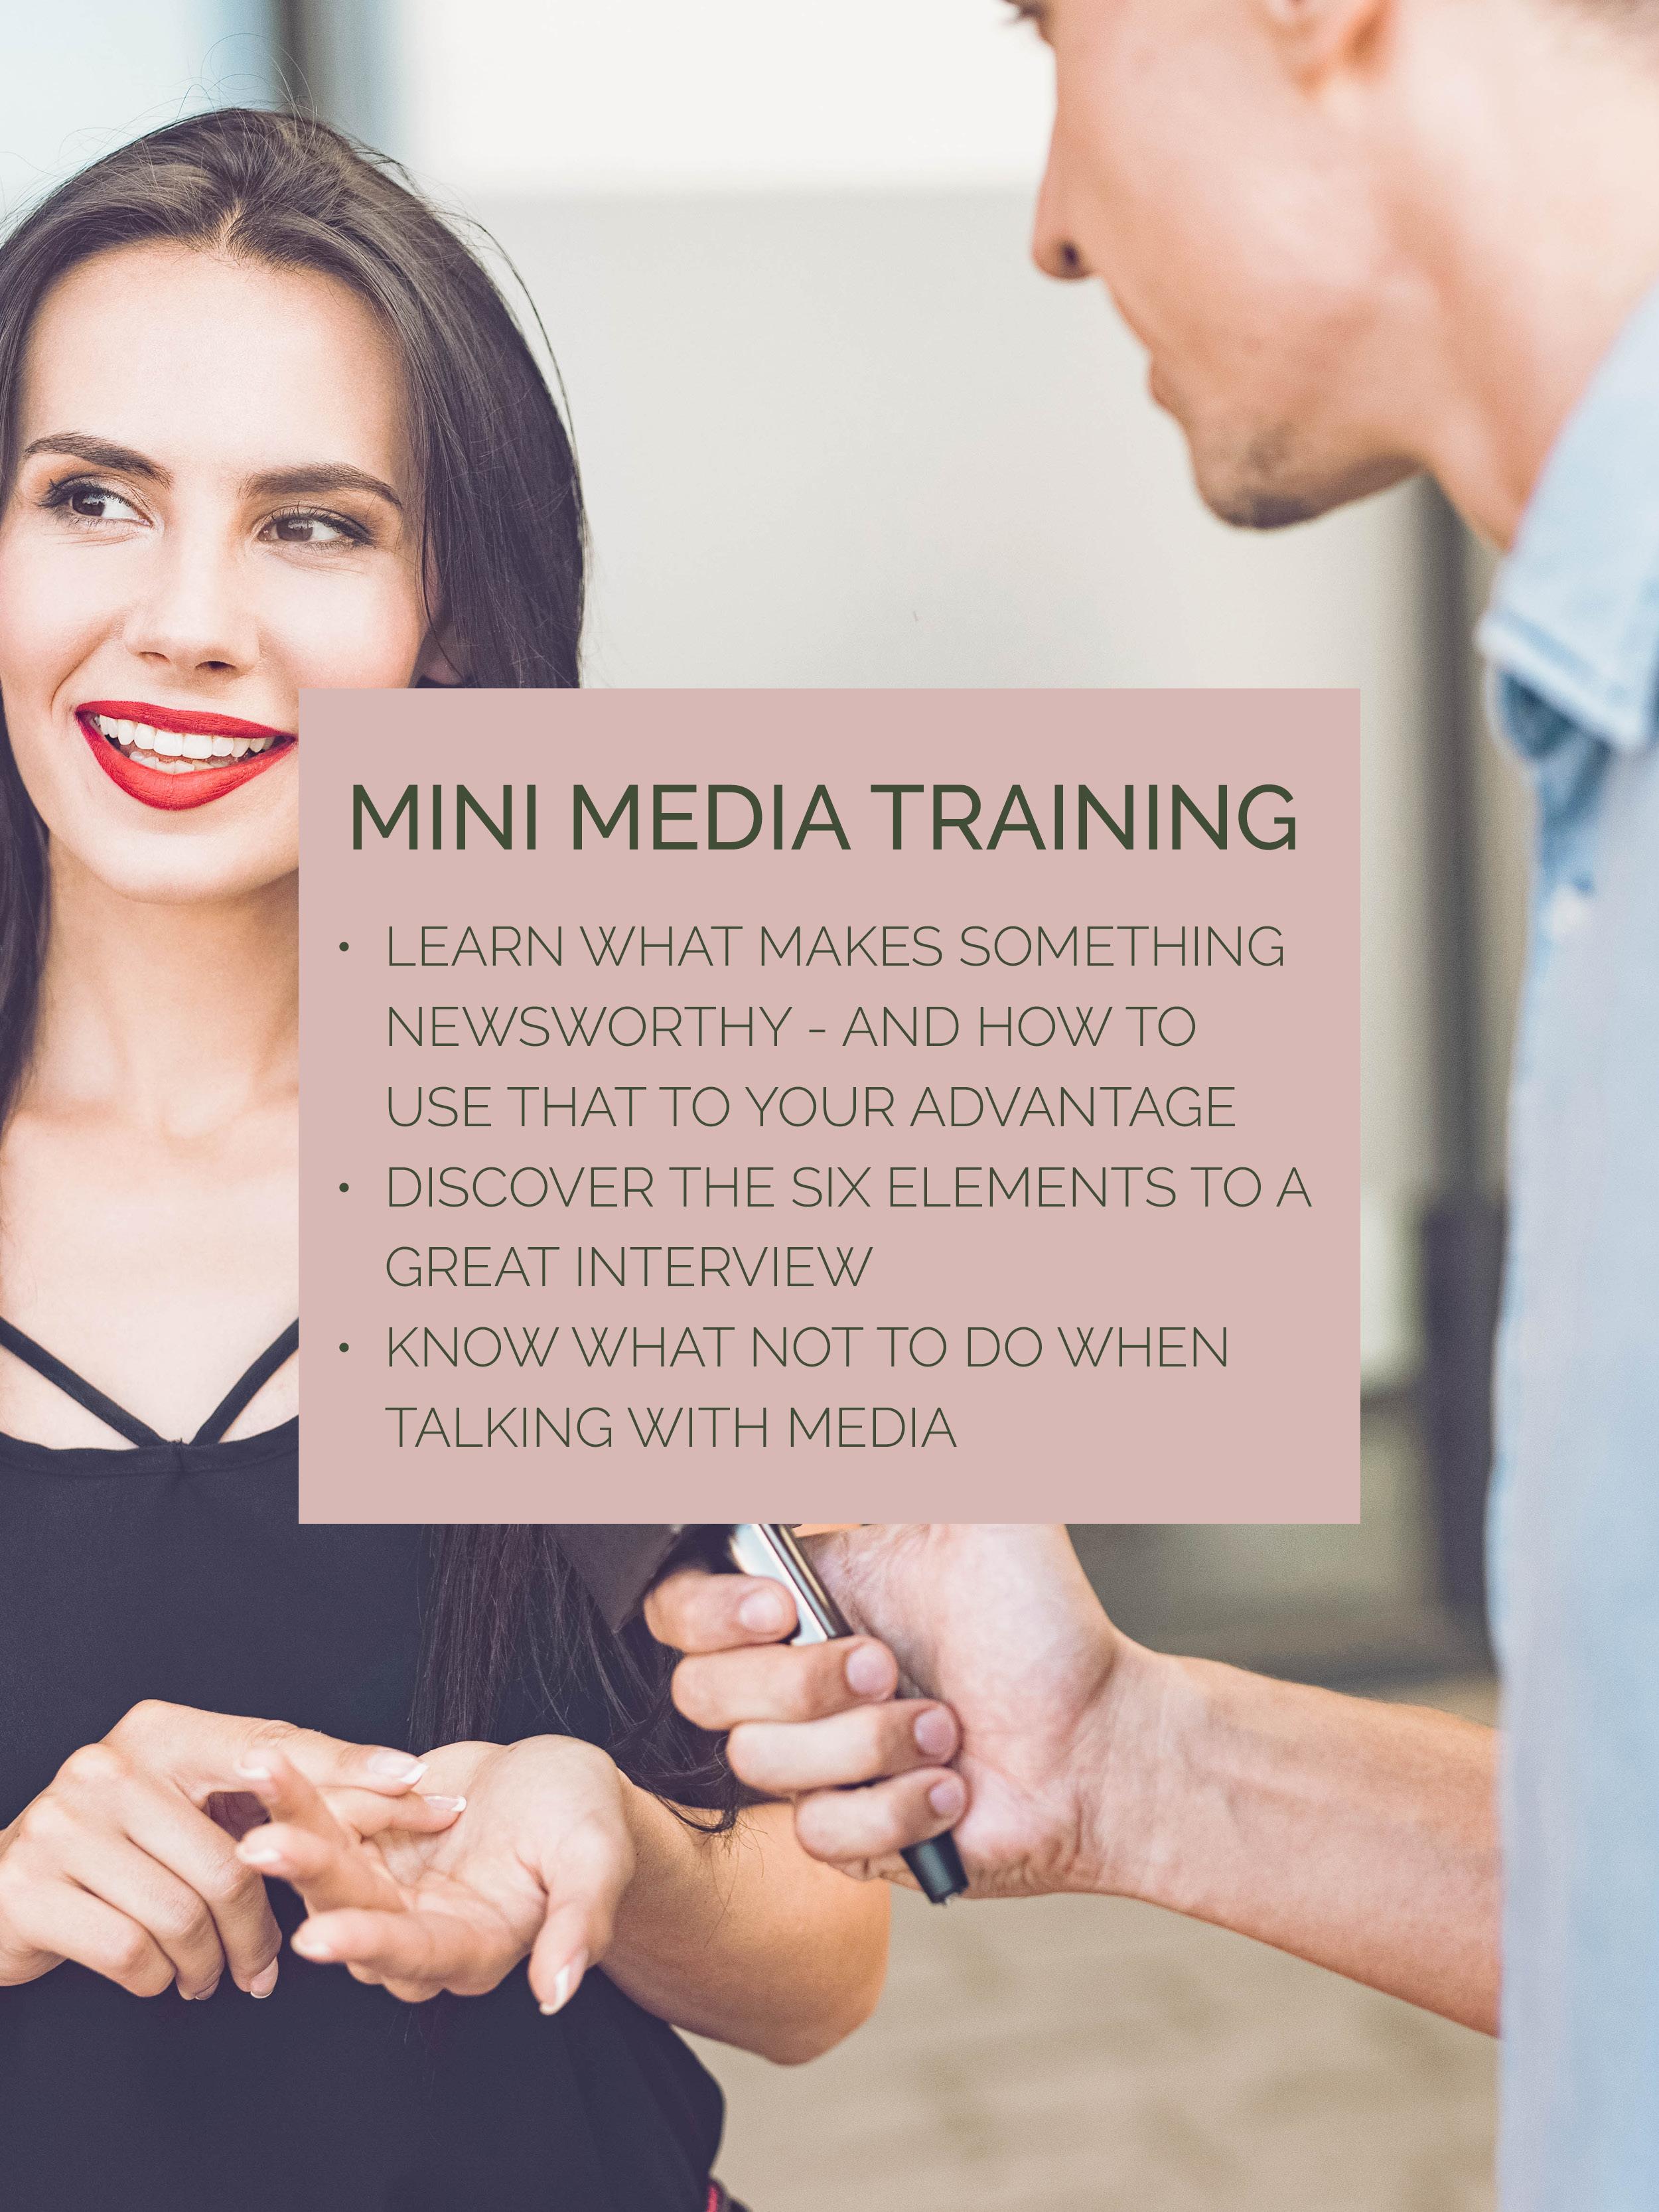 Mini Media Training Header.jpg